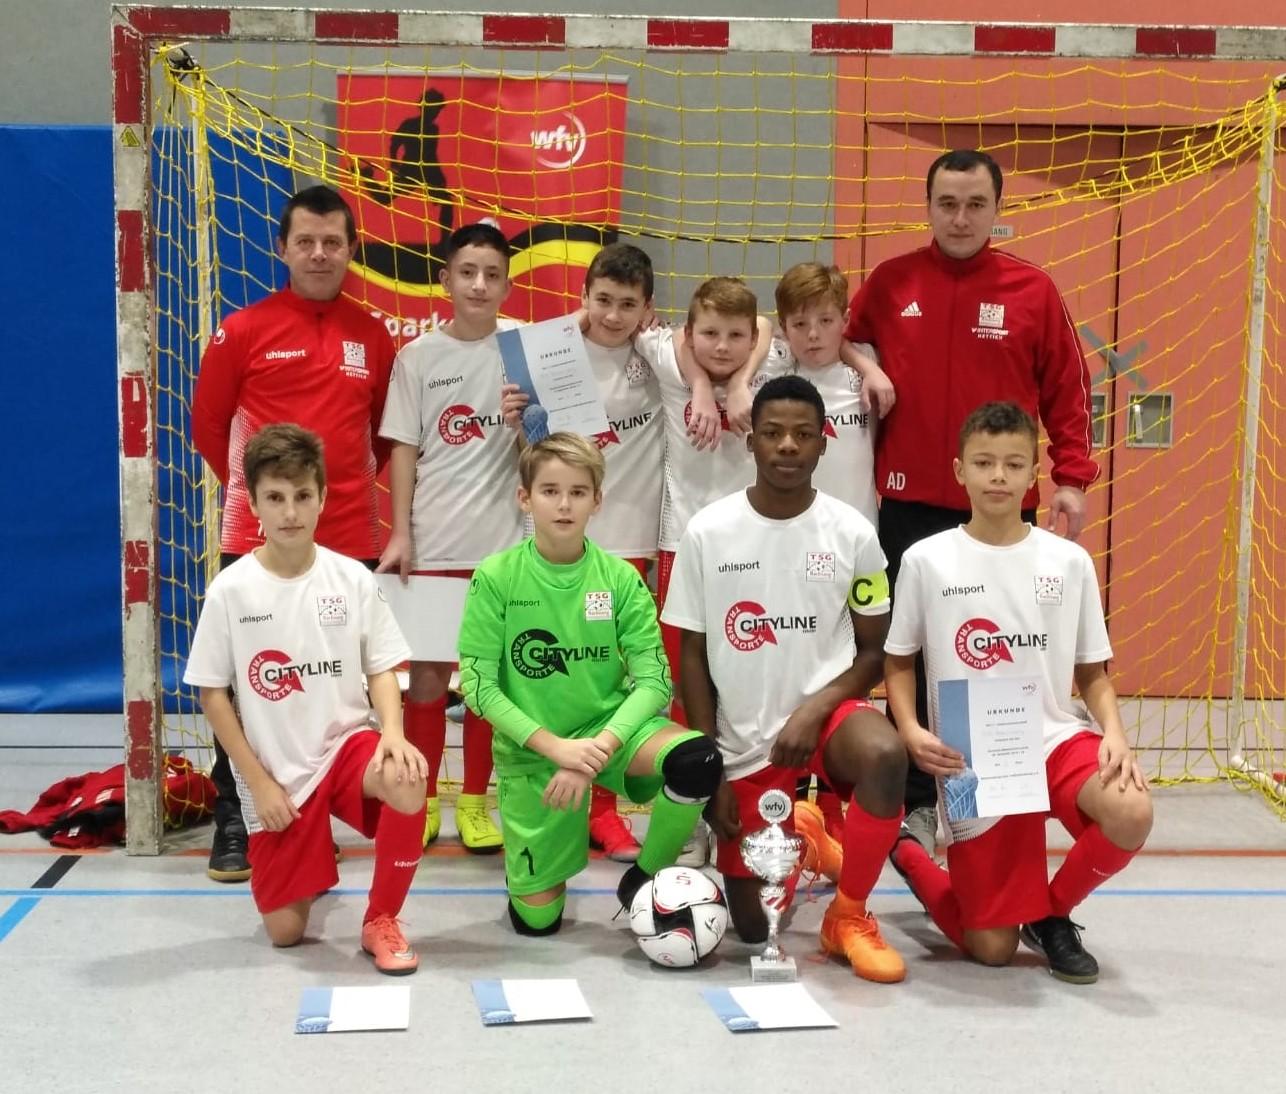 U13 erreicht 2. Platz beim Bezirksfinale des Sparkassen JuniorCup